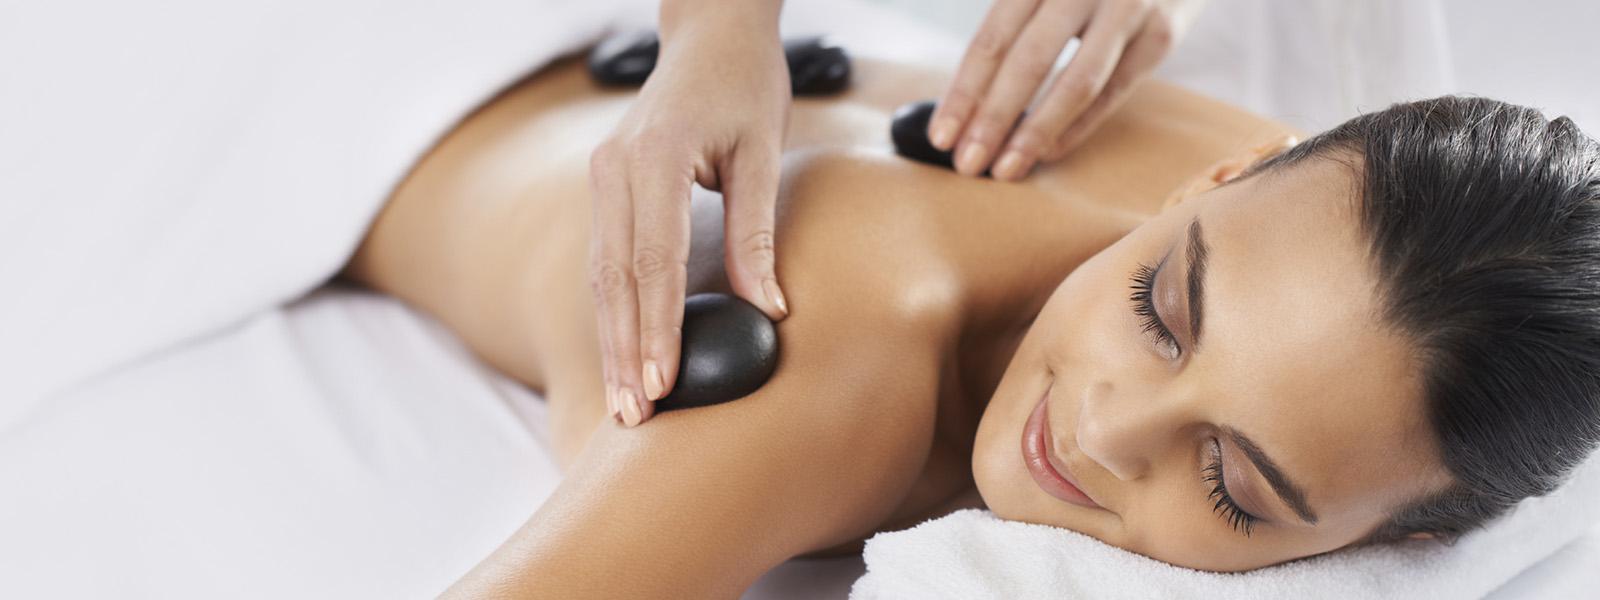 Warm stone massage-2734